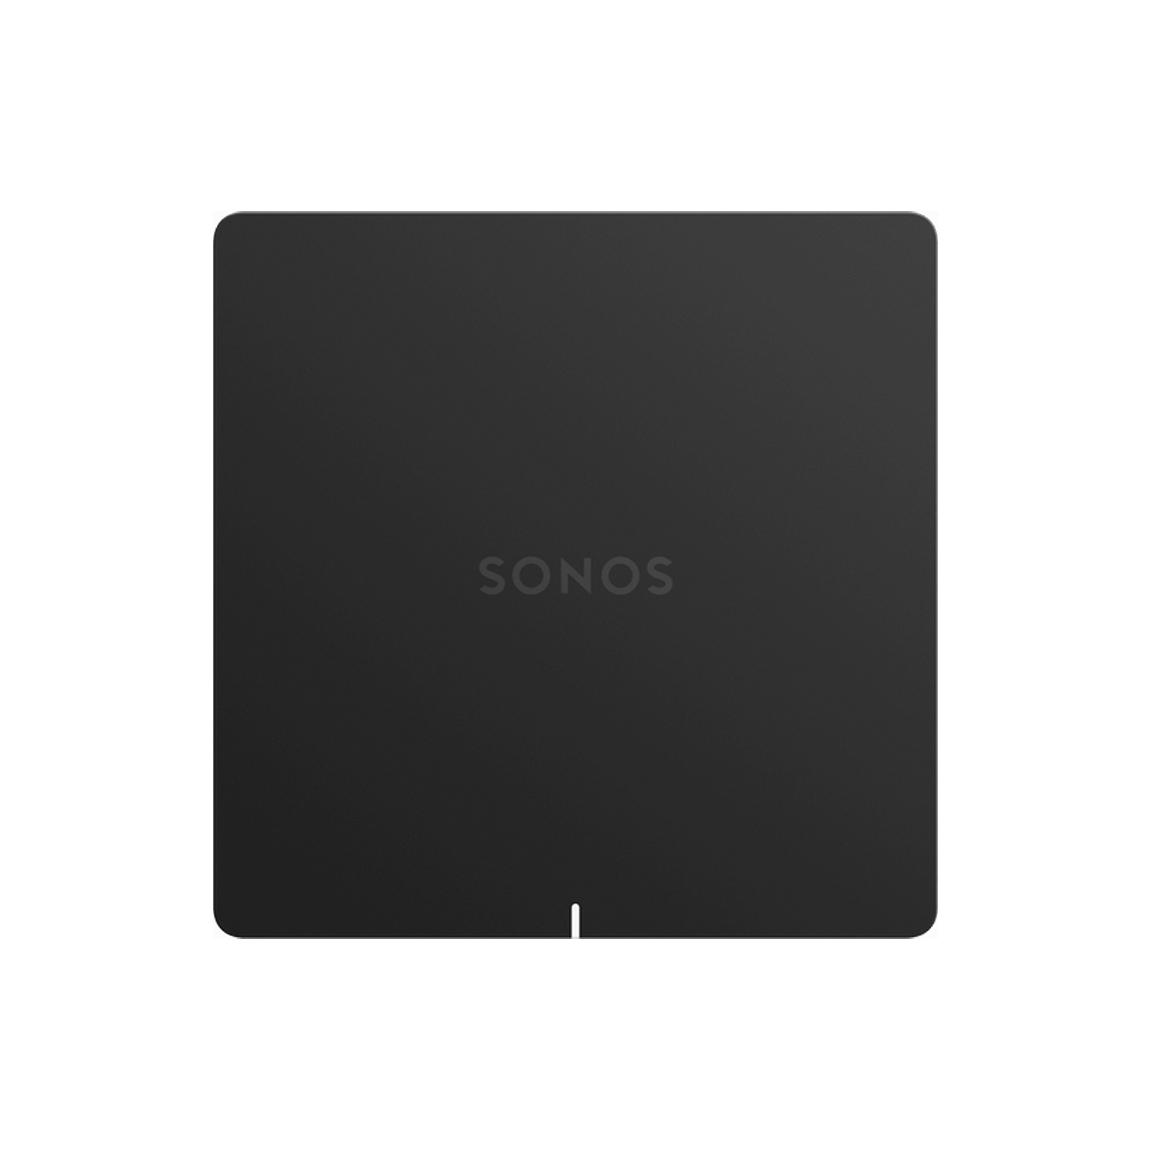 SONOS Port - WLAN-Netzwerkspieler